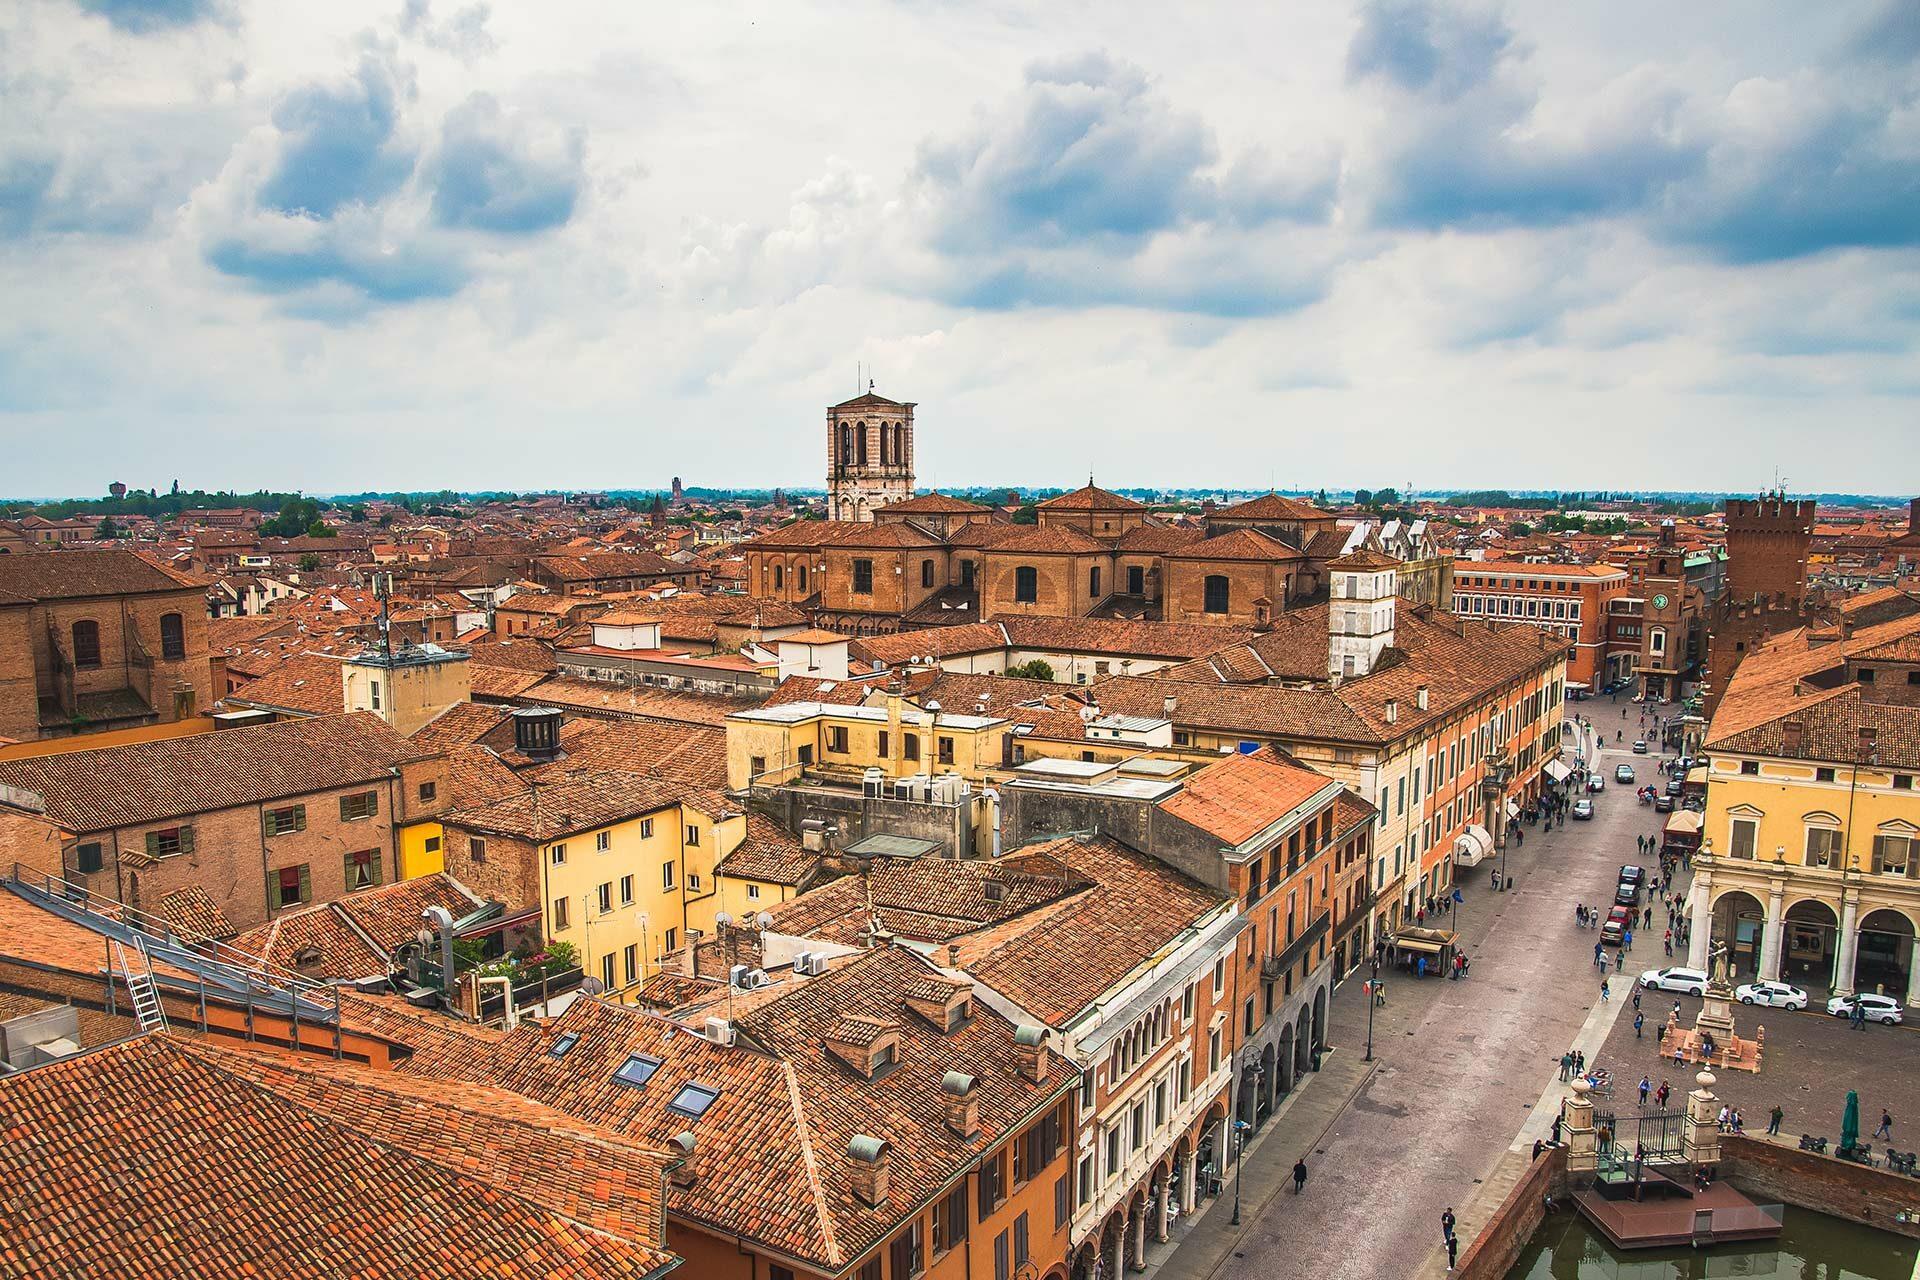 Einen wunderbaren Blick auf die Alstadt von Ferrara hat man von den Türmen des Castello Estense